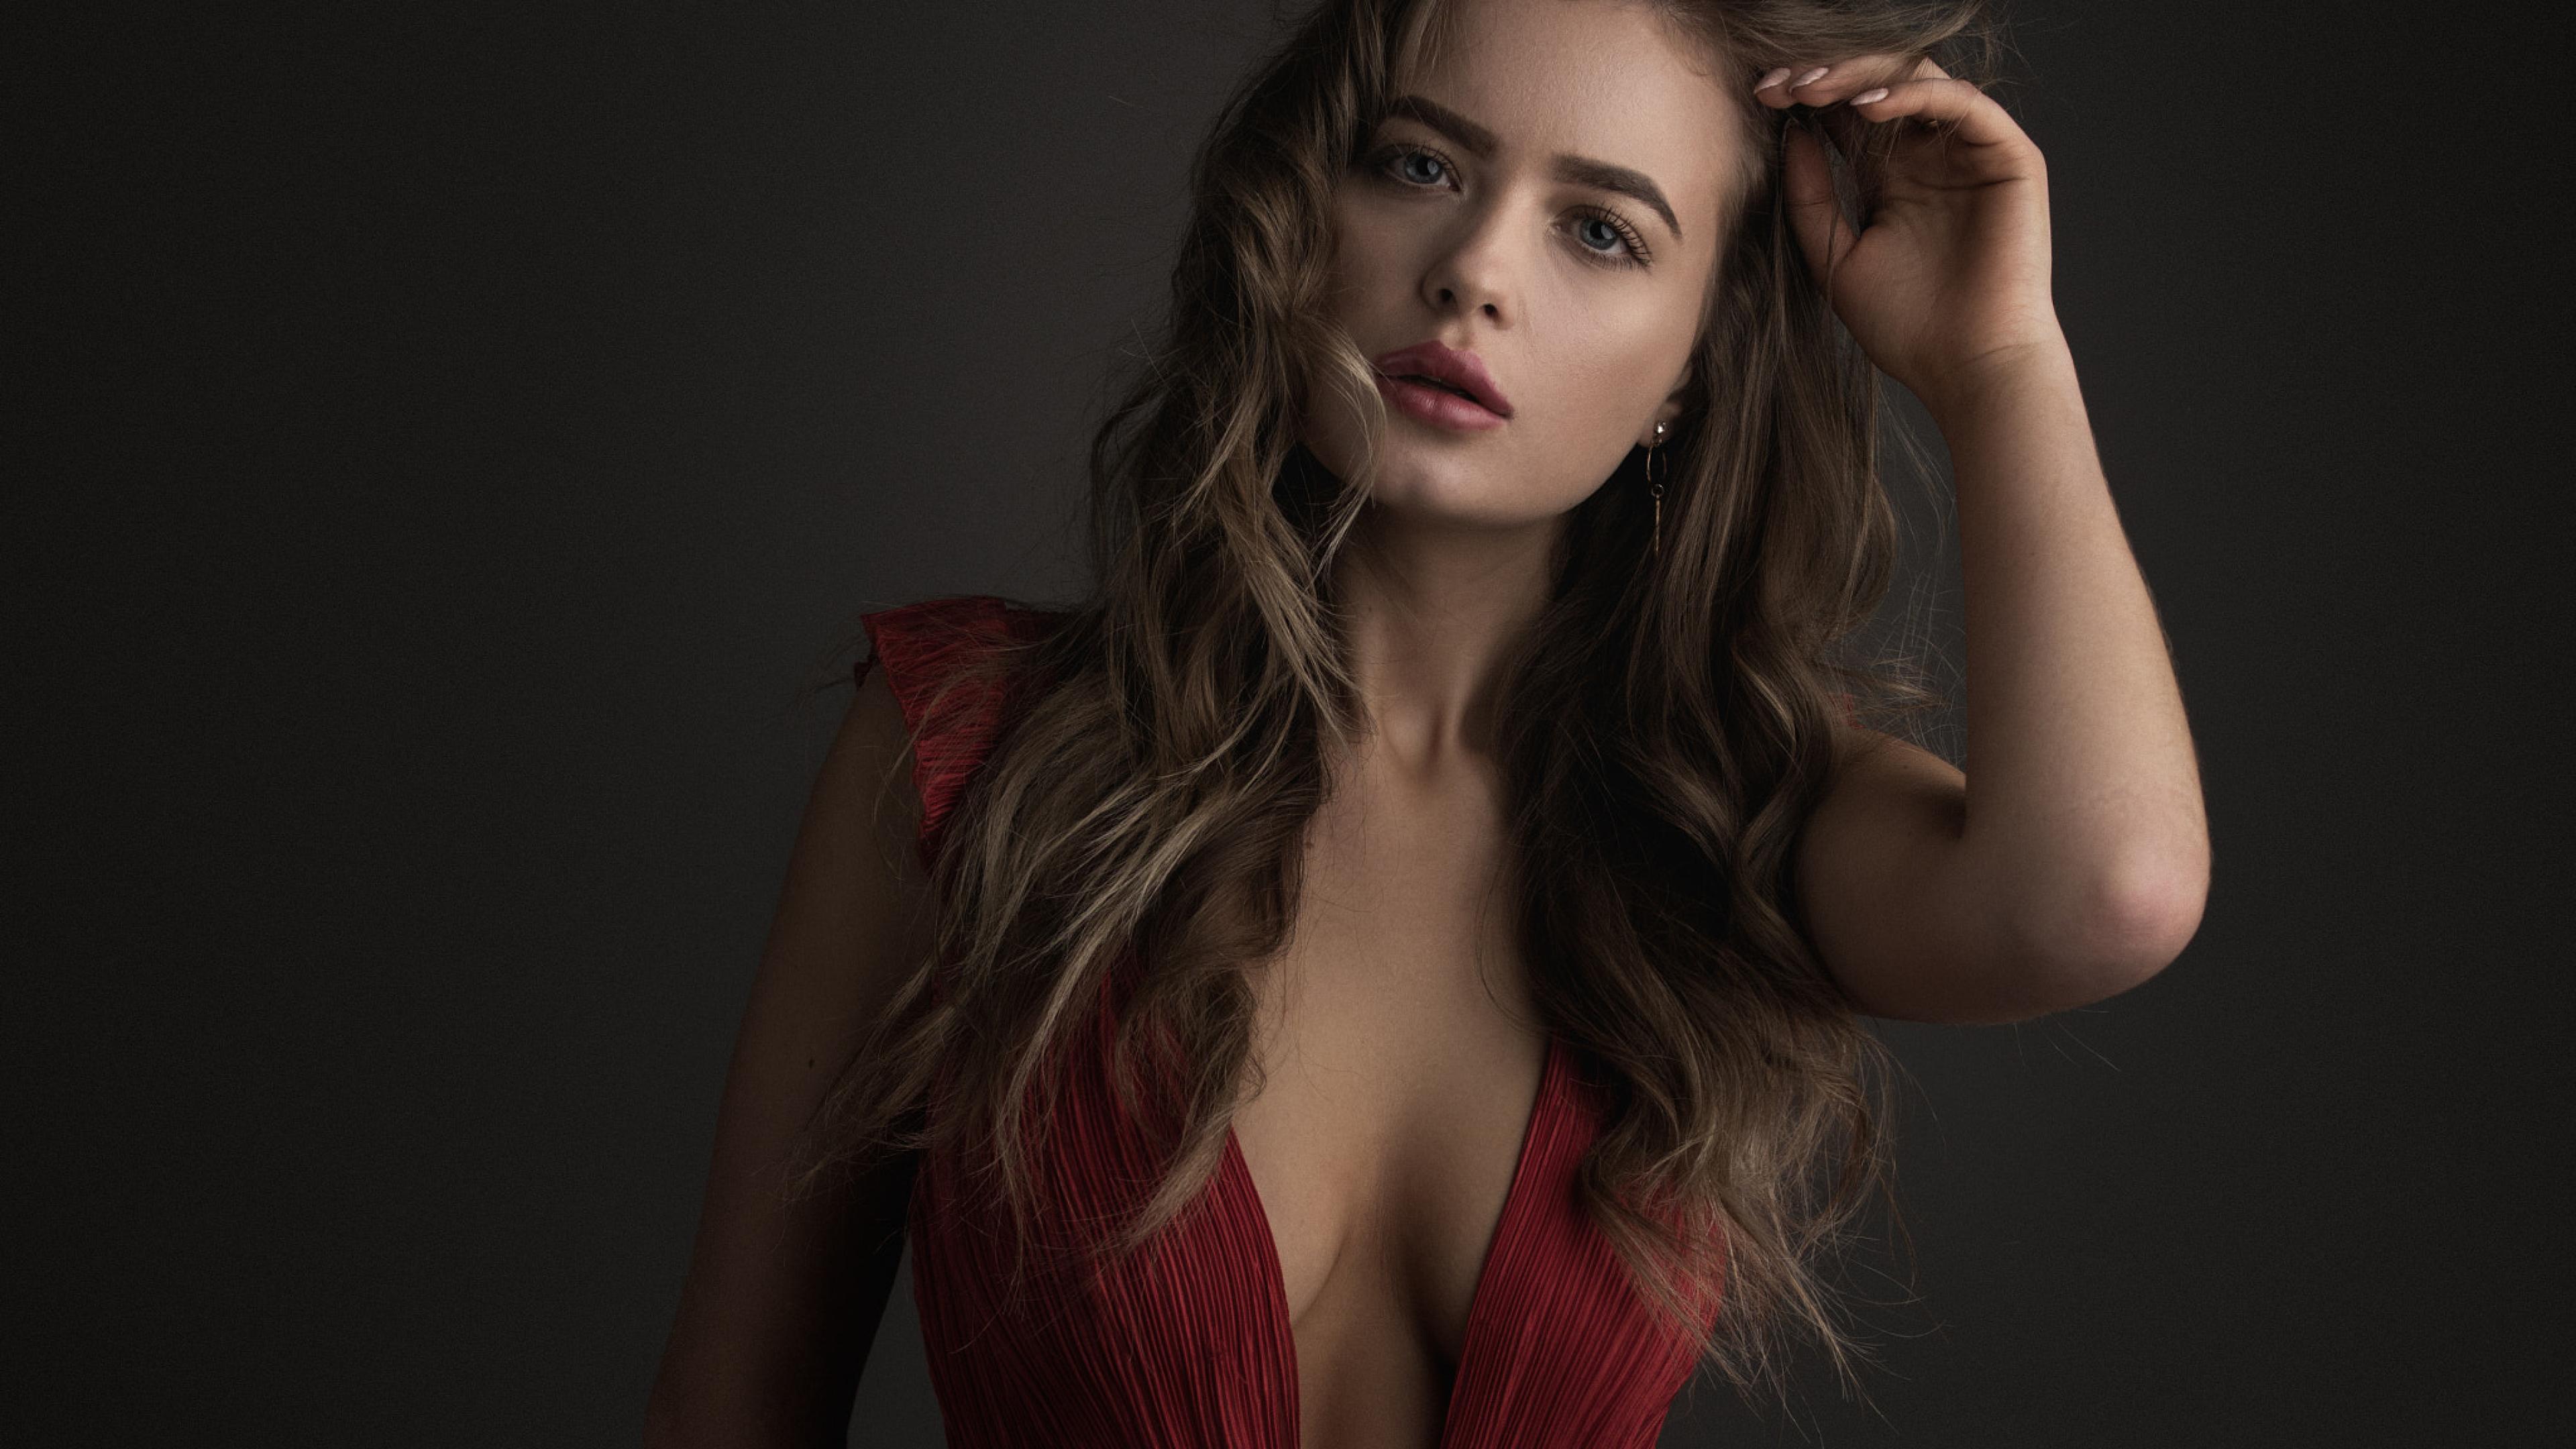 Hot nake woman